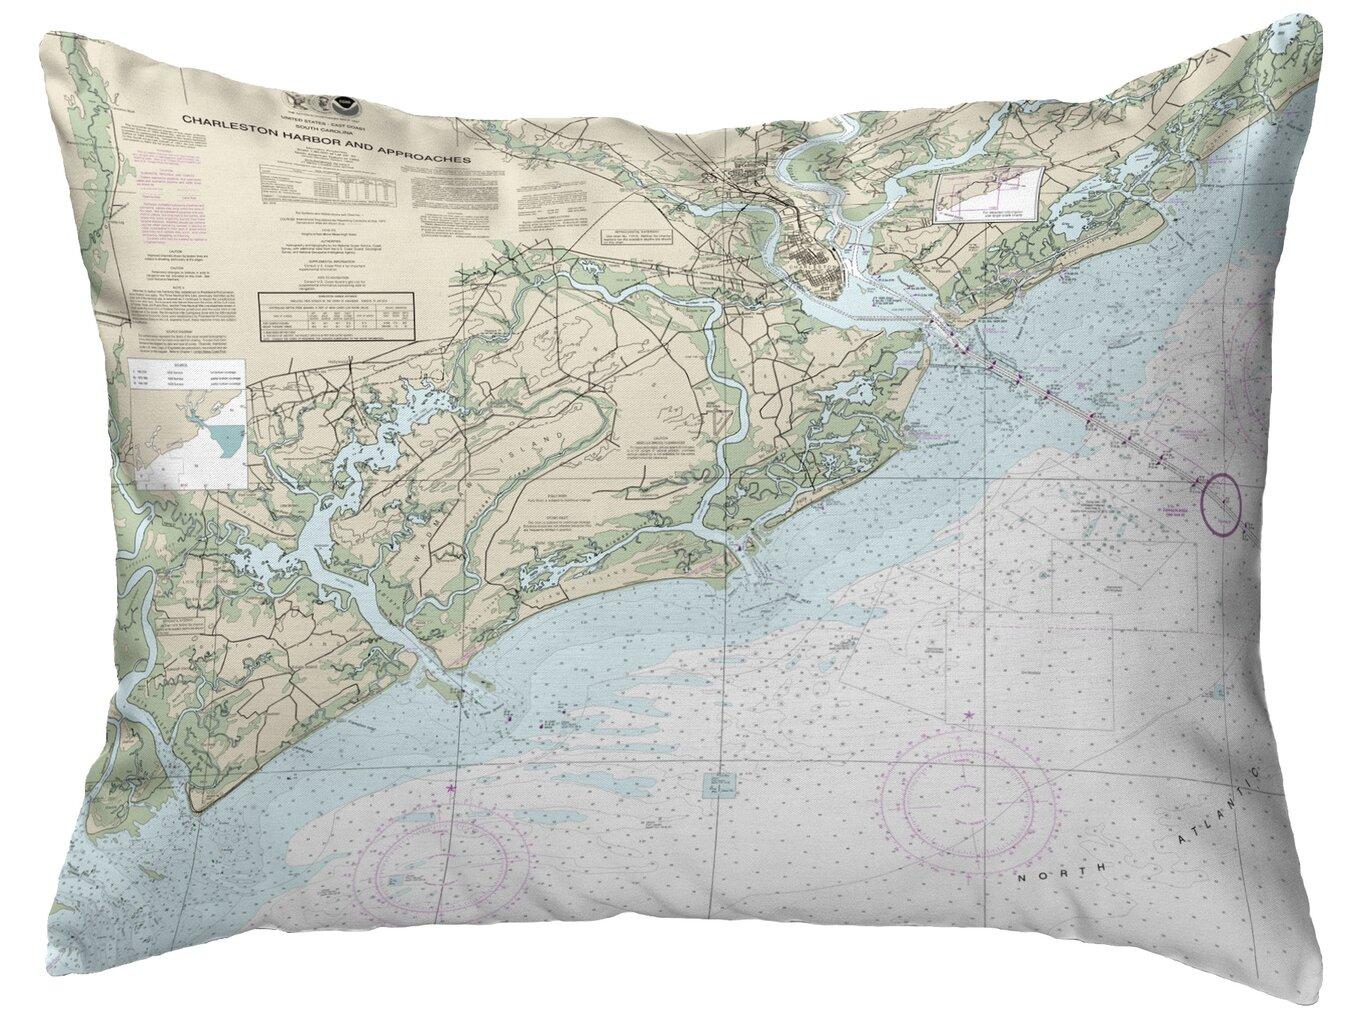 Highland Dunes Jazmine Charleston Harbor And Approaches Sc Nautical Map Indoor Outdoor Lumbar Pillow Wayfair